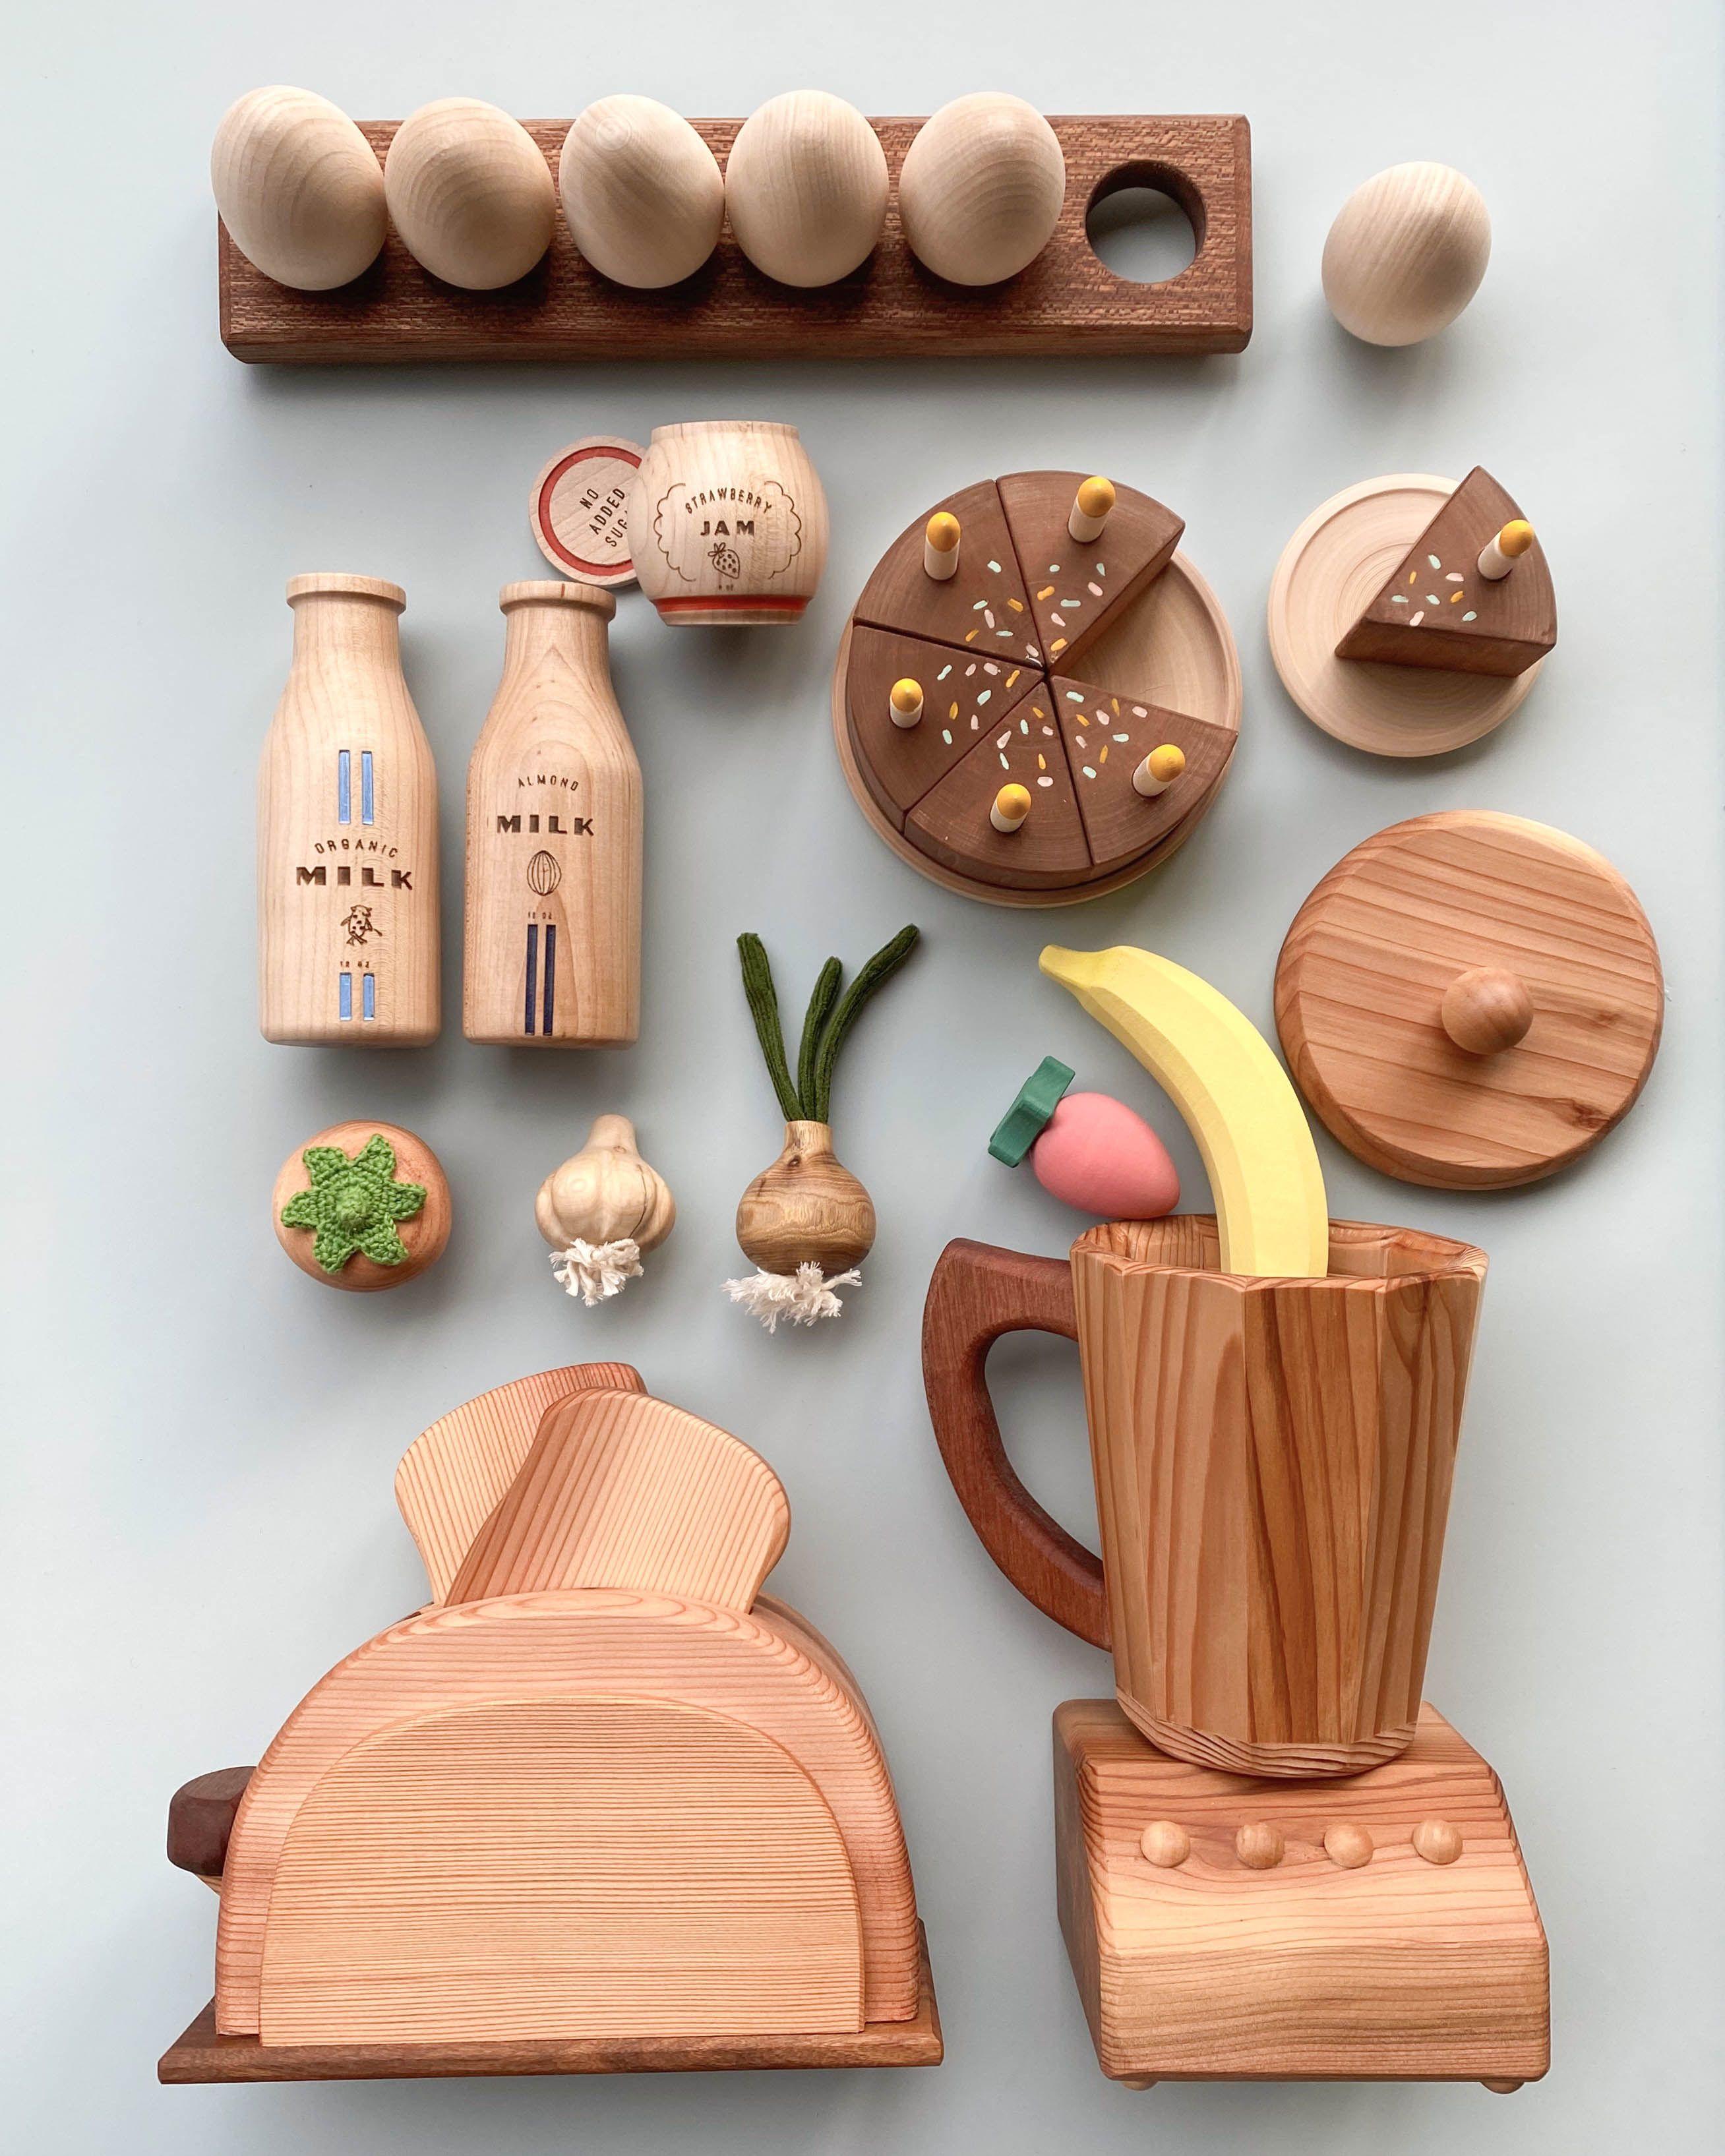 Wooden breakfast kitchen set